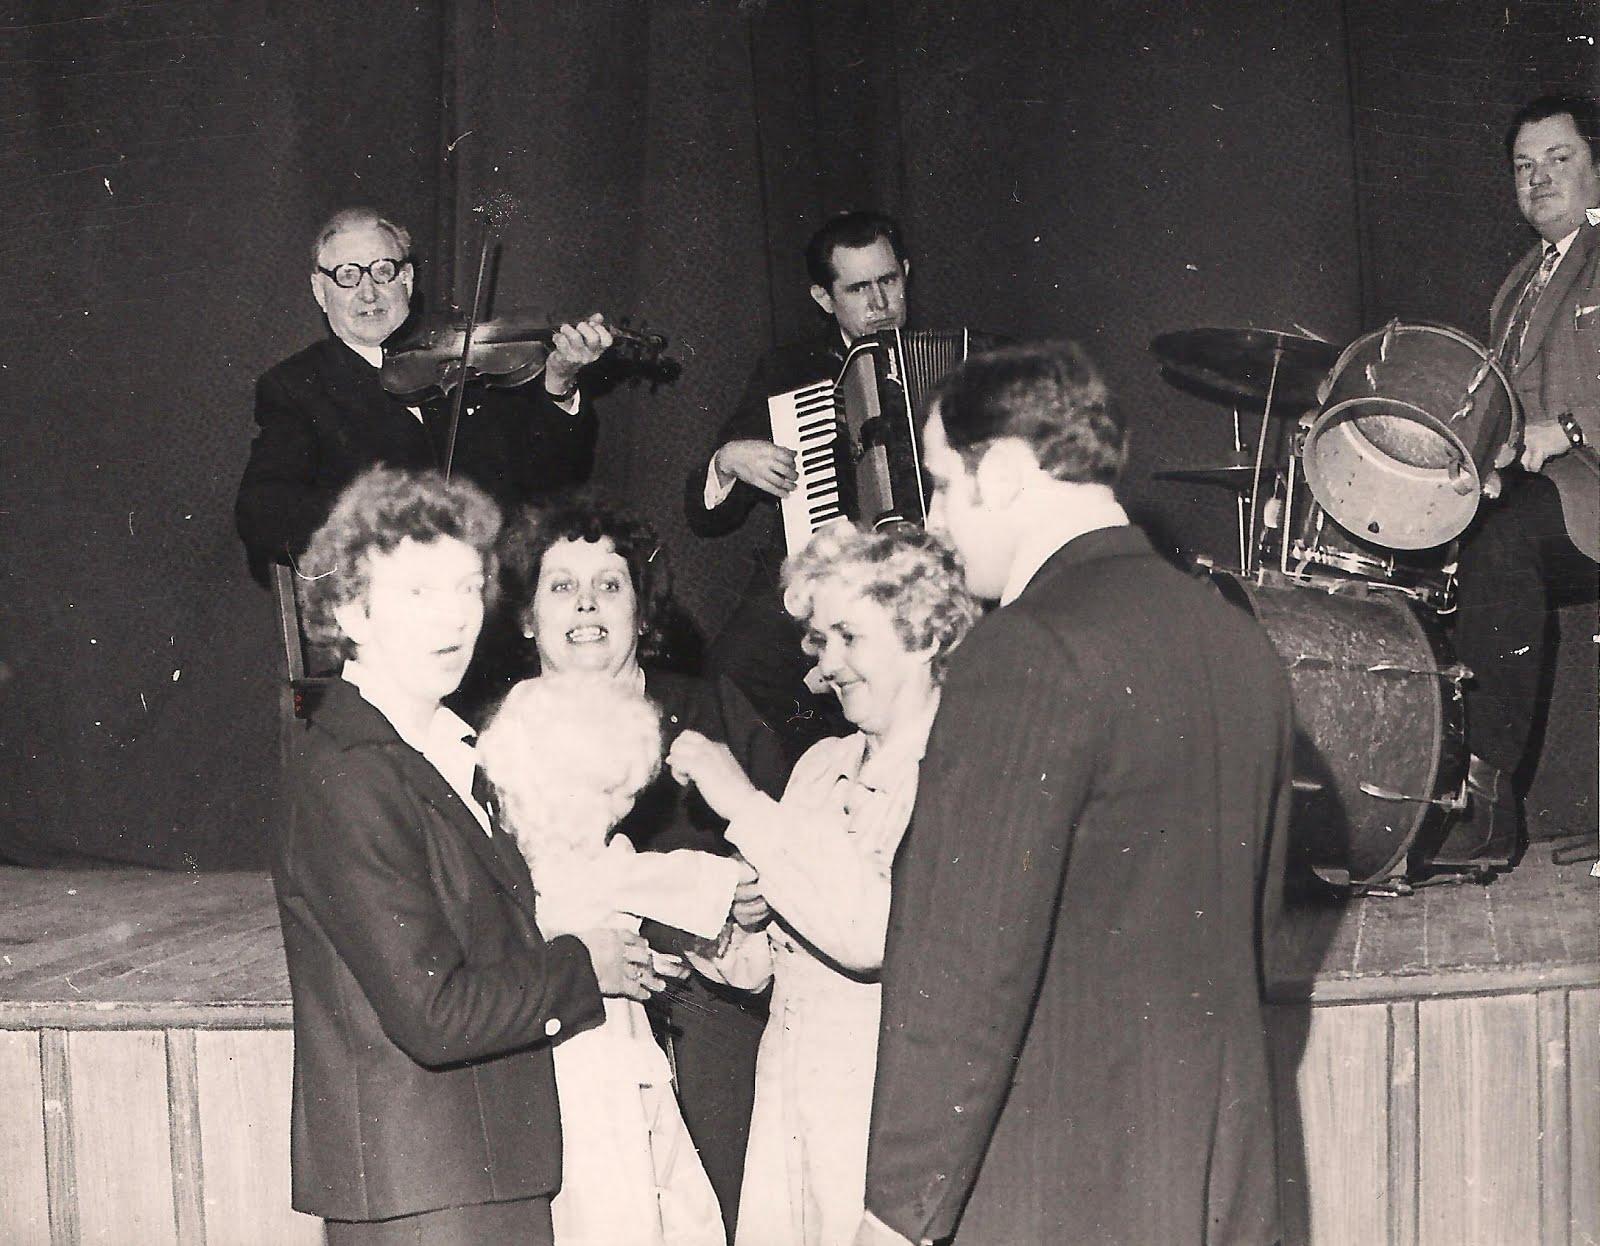 Valles estrādes orķestris Valles un Olaines ģimeņu klubu pasākumā kultūras namā 1983. g. 26. II